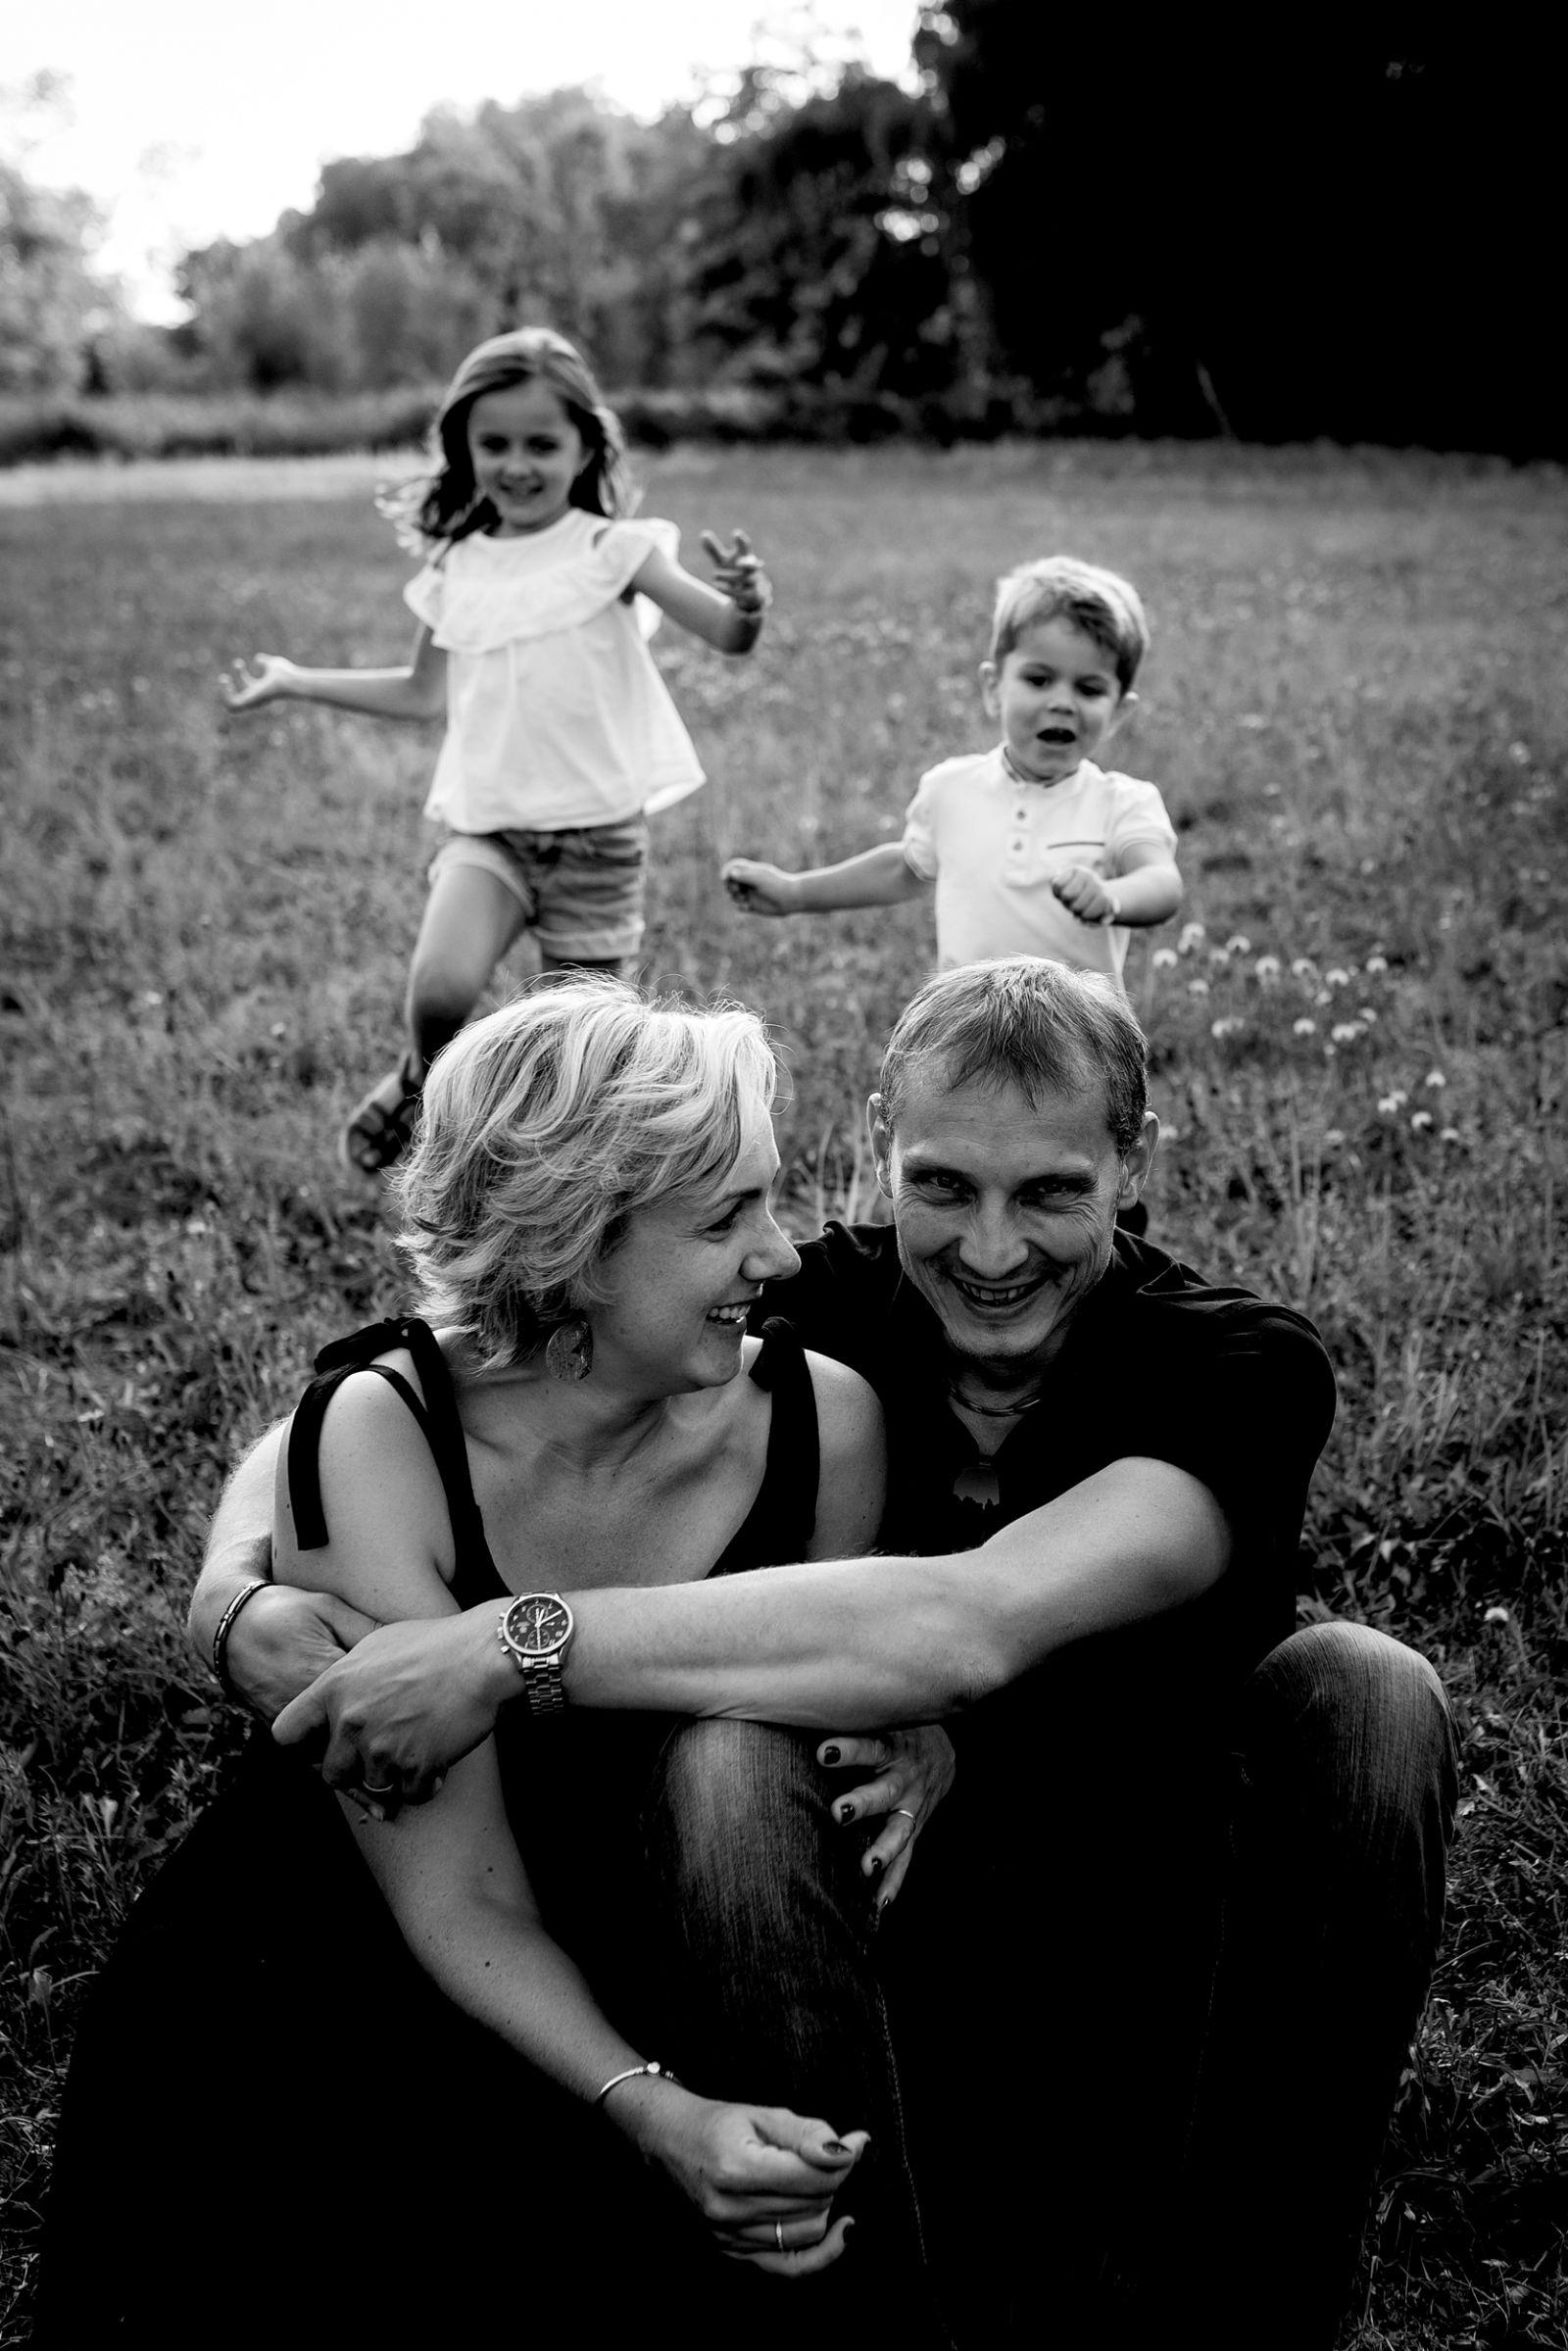 séance photos en famille enfant campagne été haguenau